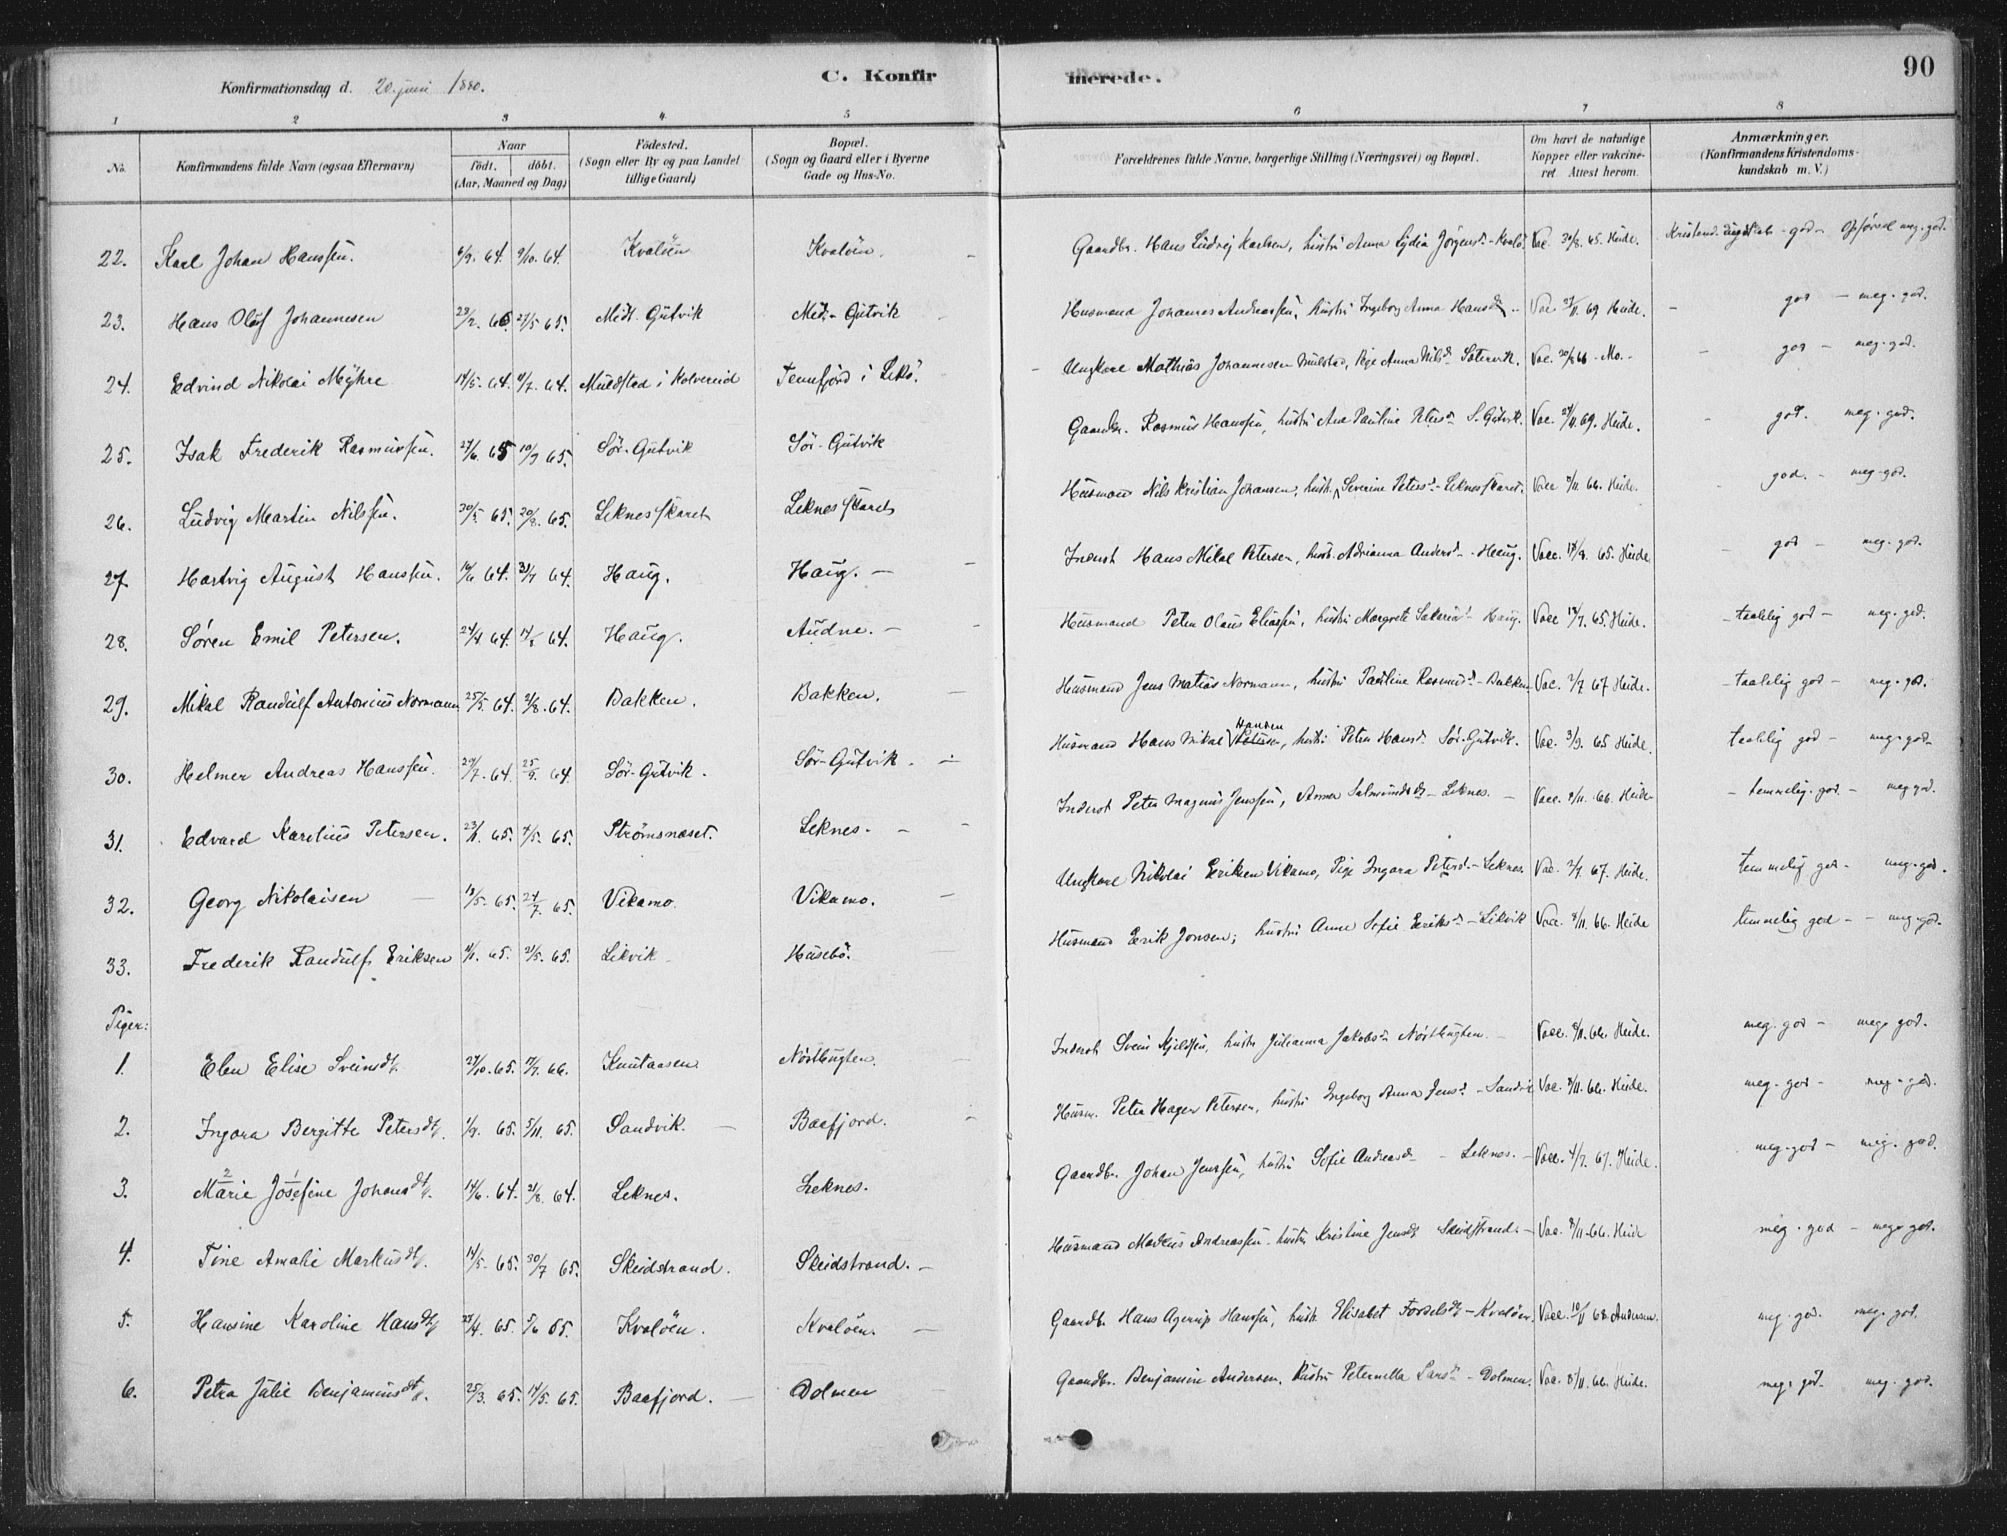 SAT, Ministerialprotokoller, klokkerbøker og fødselsregistre - Nord-Trøndelag, 788/L0697: Ministerialbok nr. 788A04, 1878-1902, s. 90